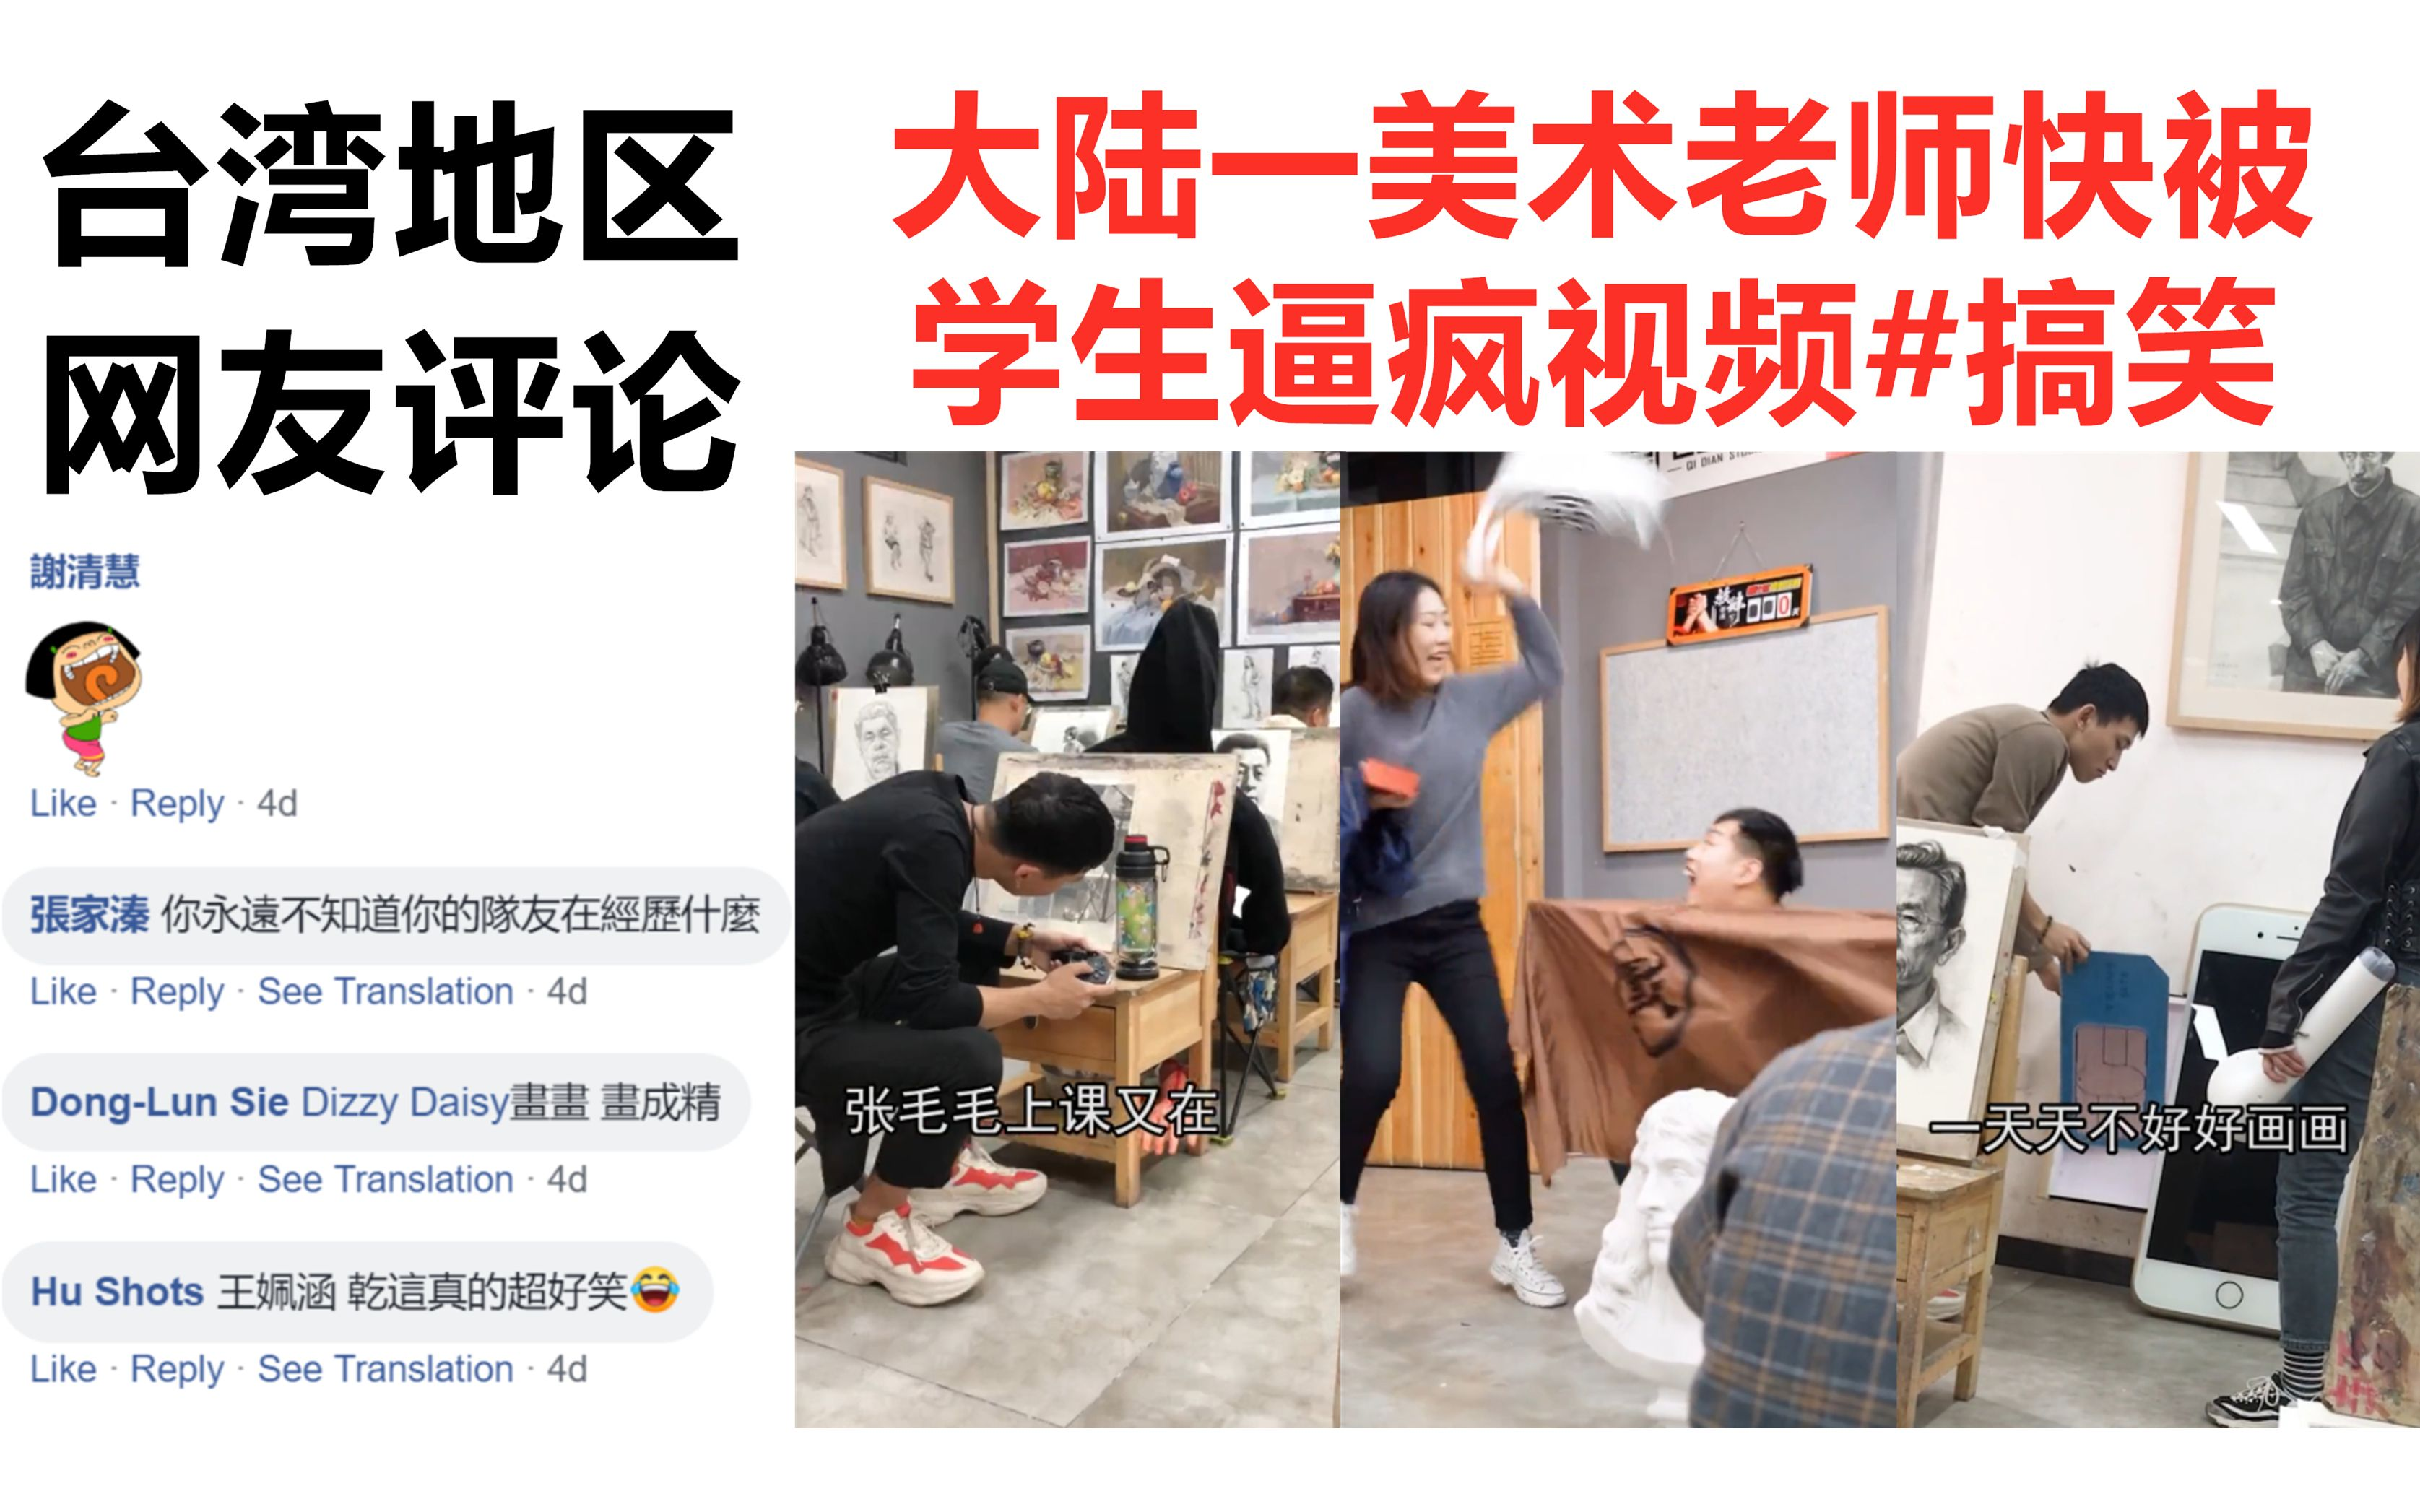 大陆一美术老师快被学生逼疯搞笑视频,台湾网